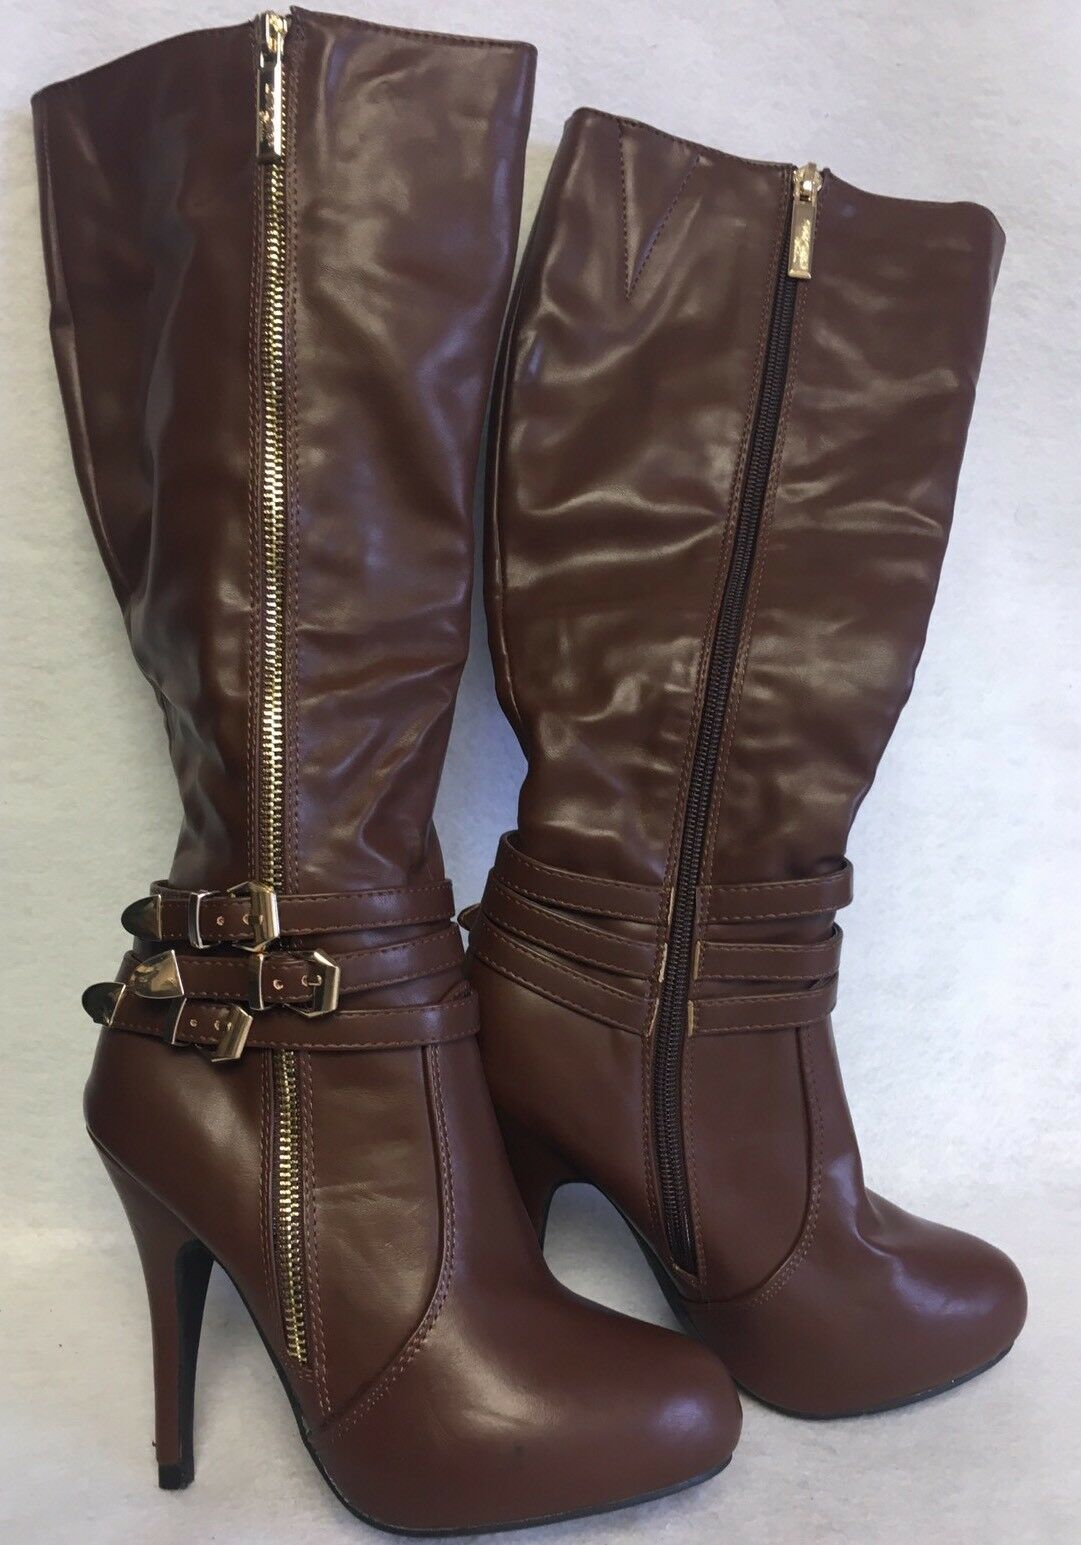 DBDK DbDk Hita Hita-2 Brown Heel Tall Boots Gold Hardware Side Zip High Heels